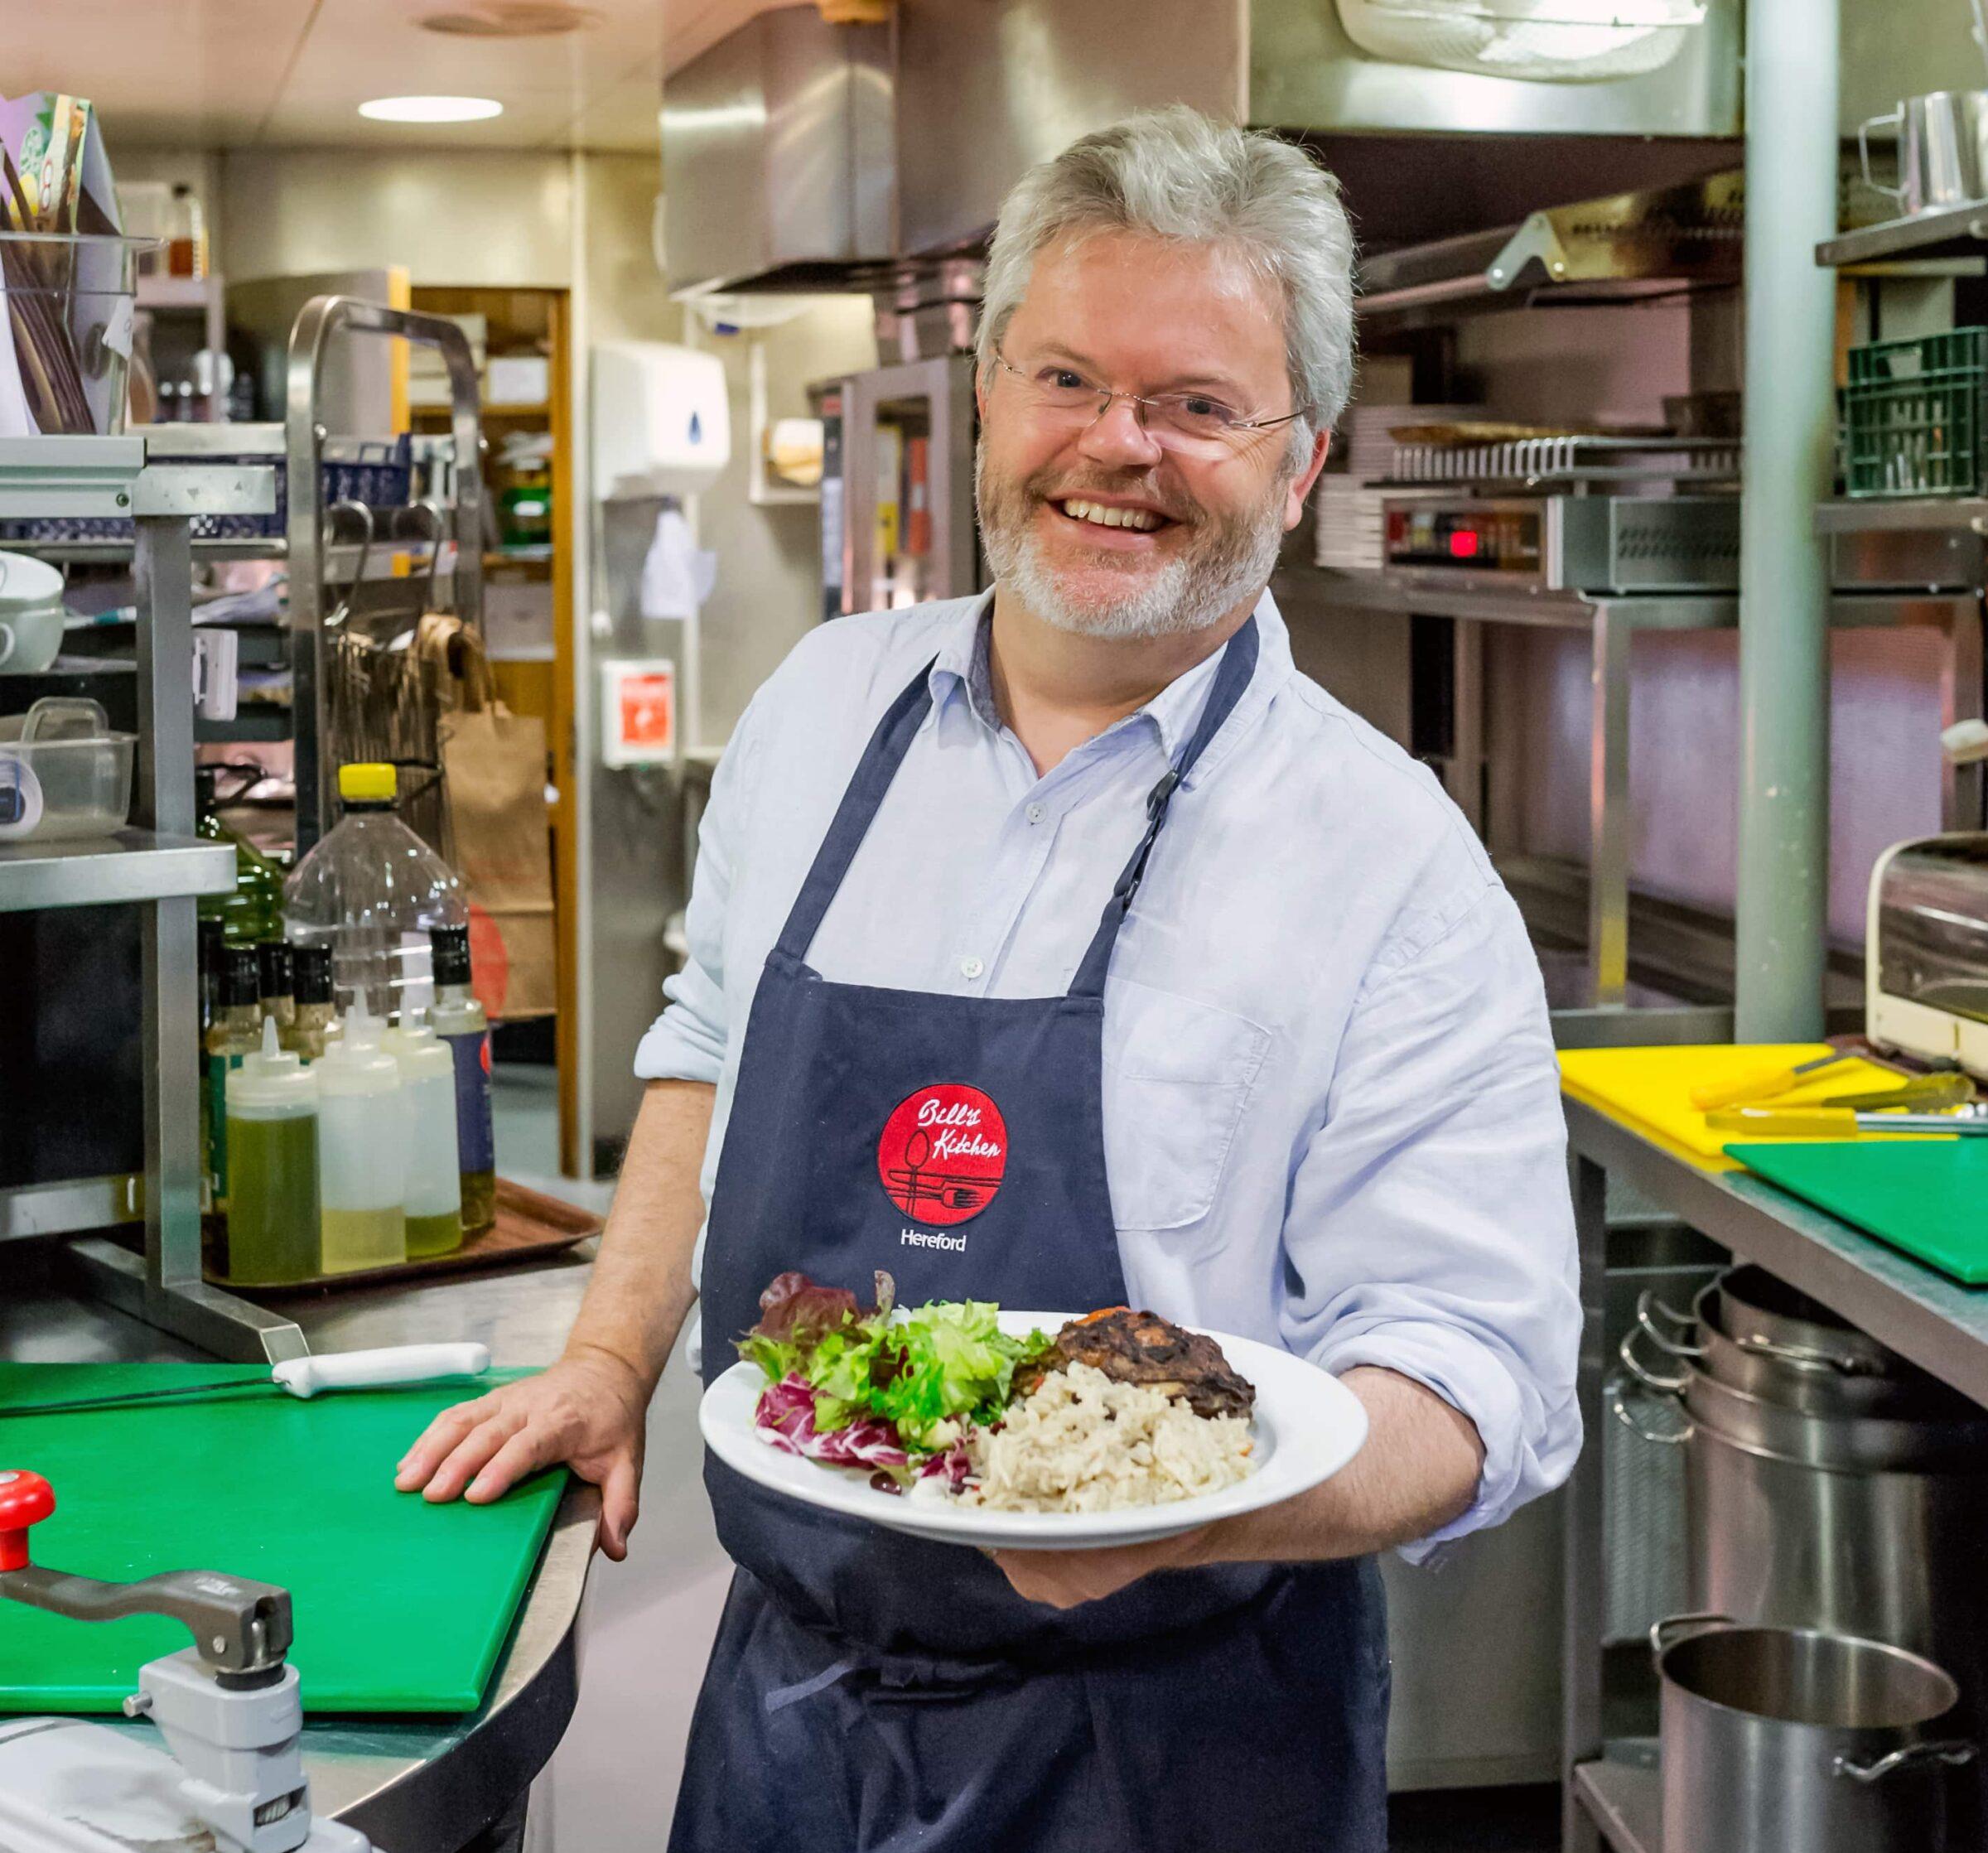 Bill's Kitchen, Hereford